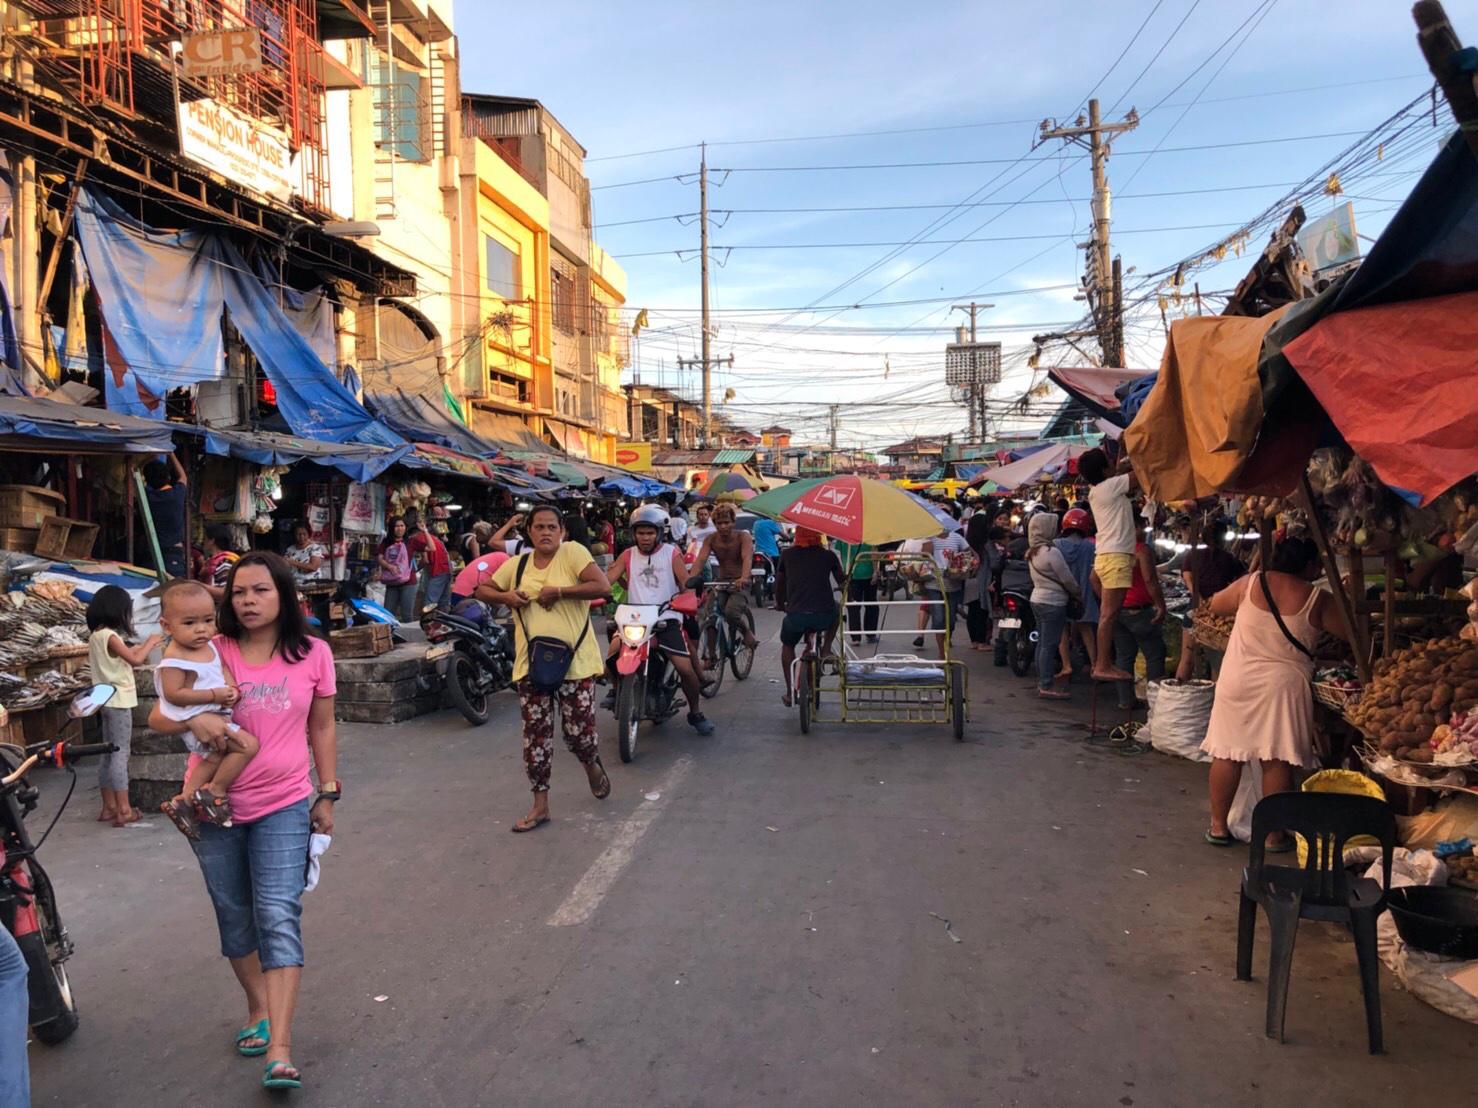 フィリピン人とすぐに仲良くなれるビサヤ語を覚えよう!